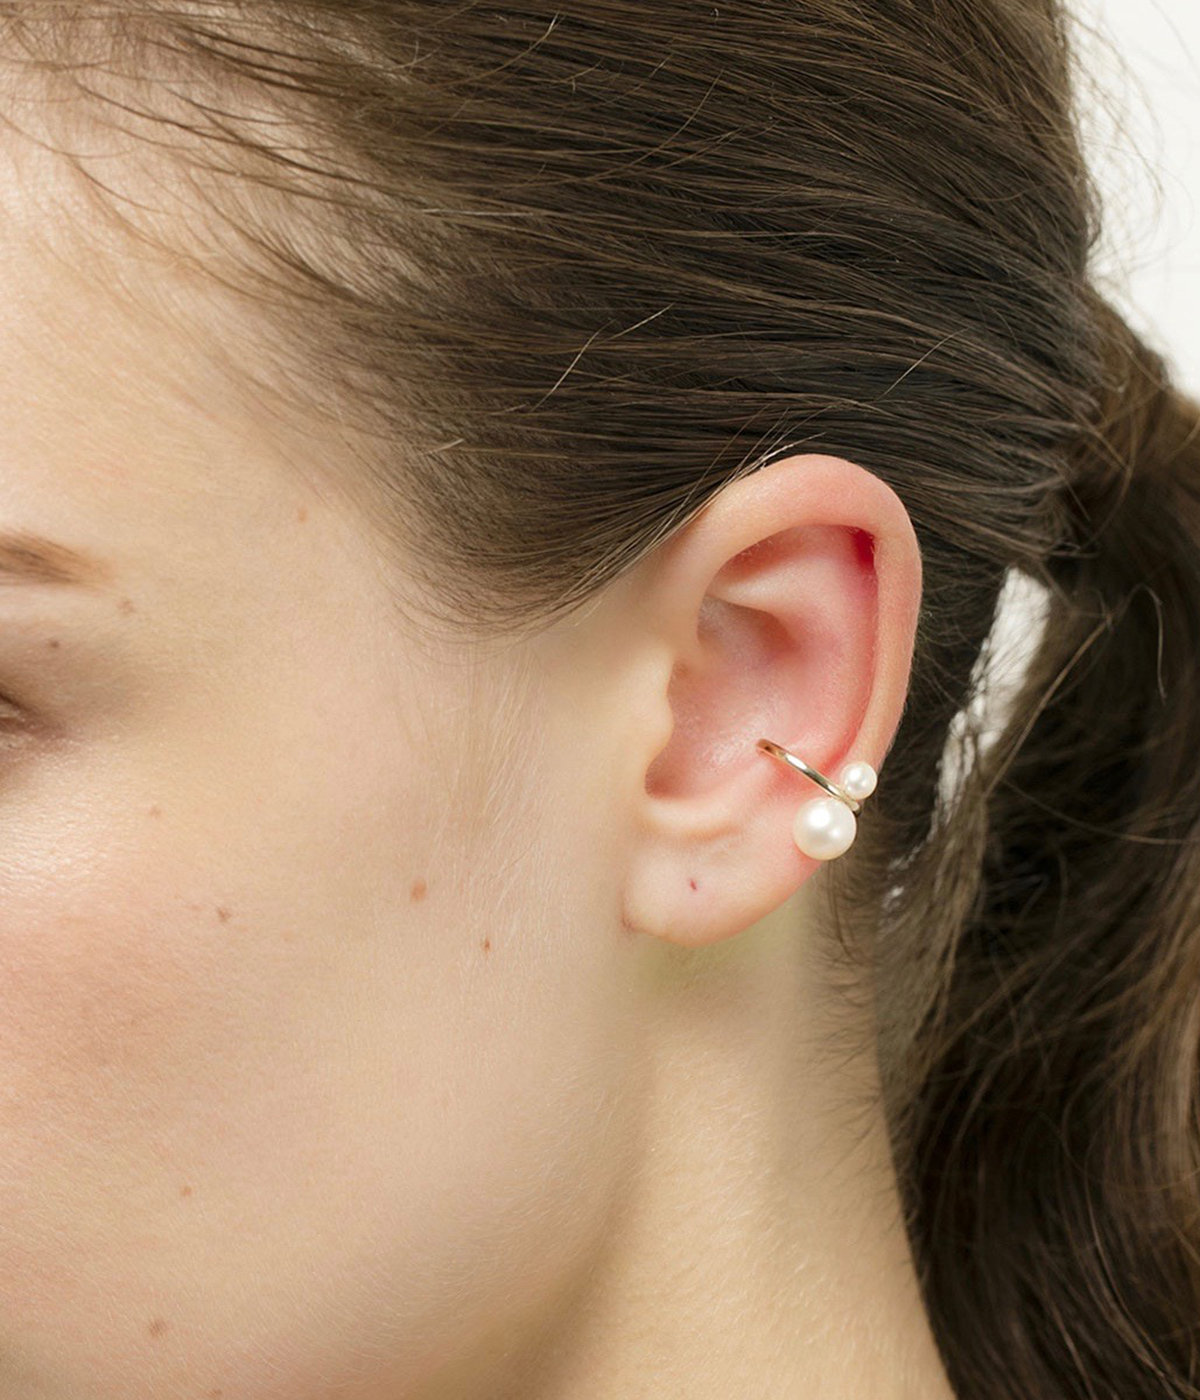 【レディース】Double Pearl Ear Cuff(イヤーカフ)